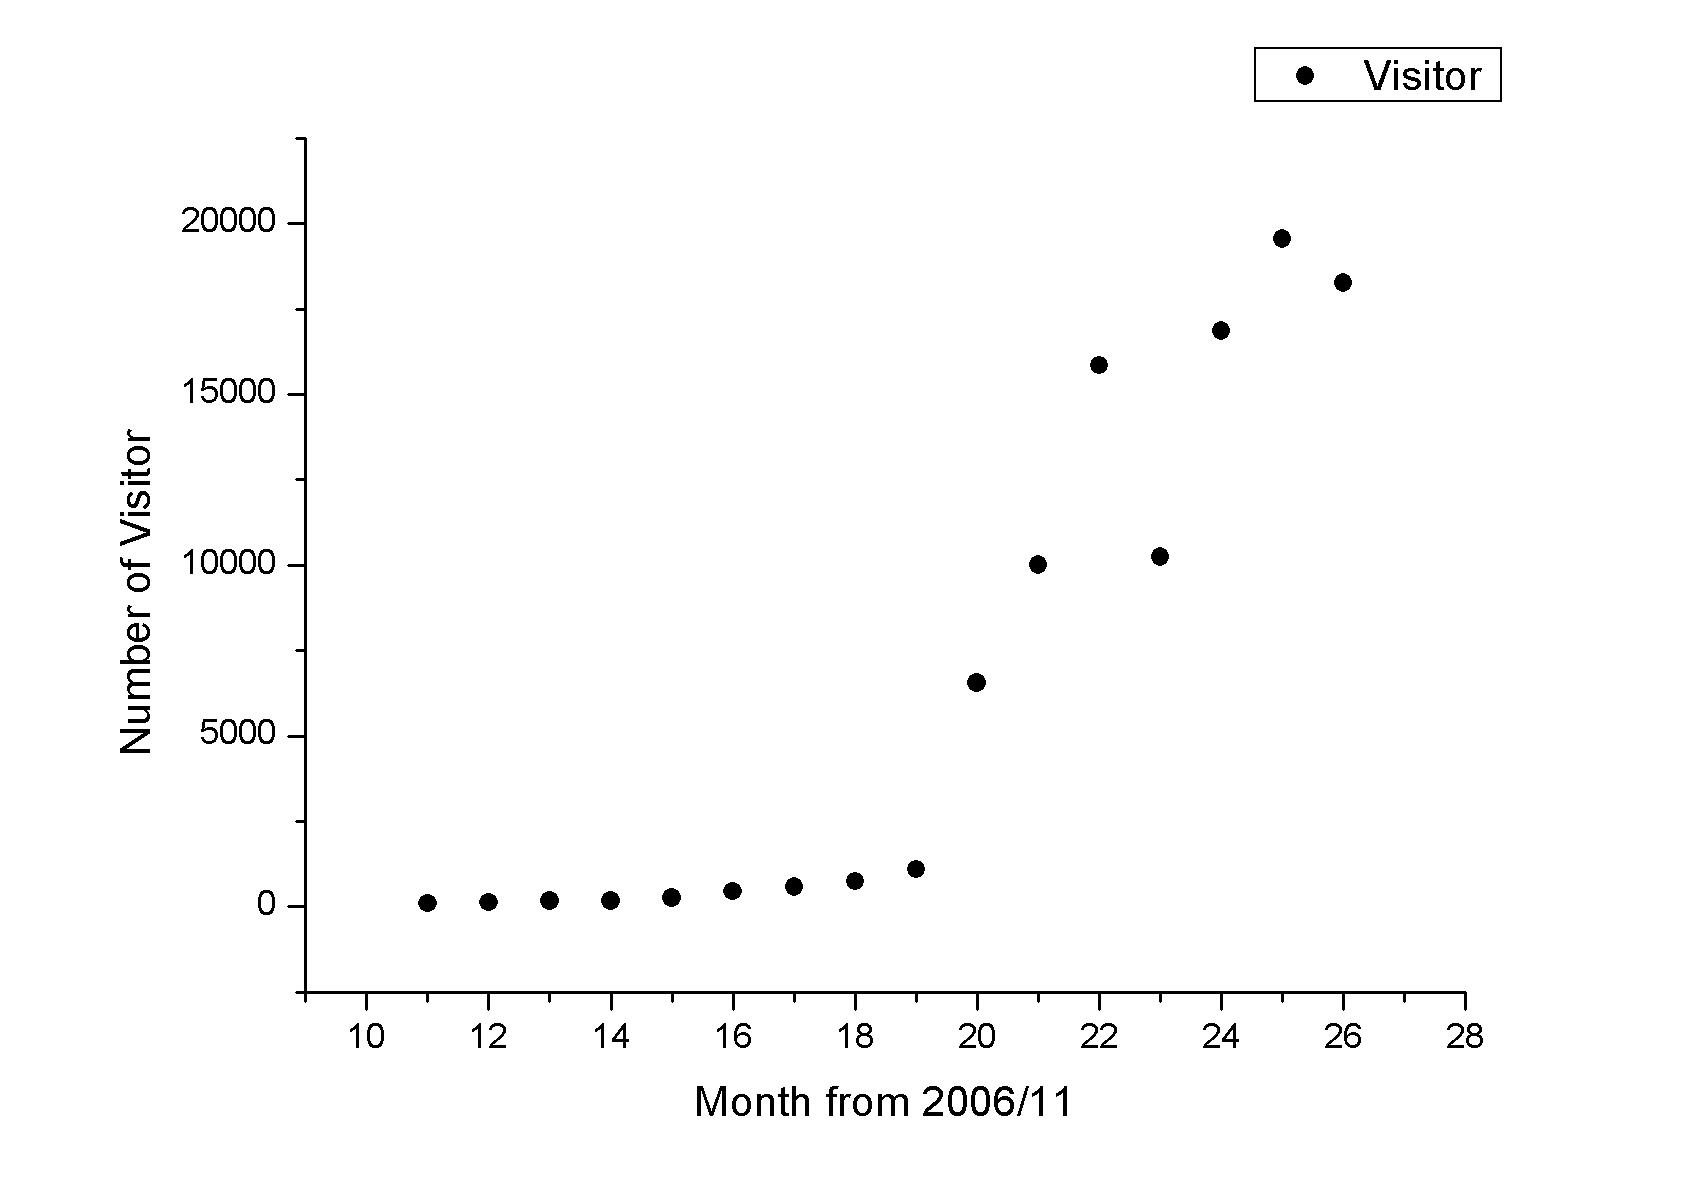 방문자 수 그래프